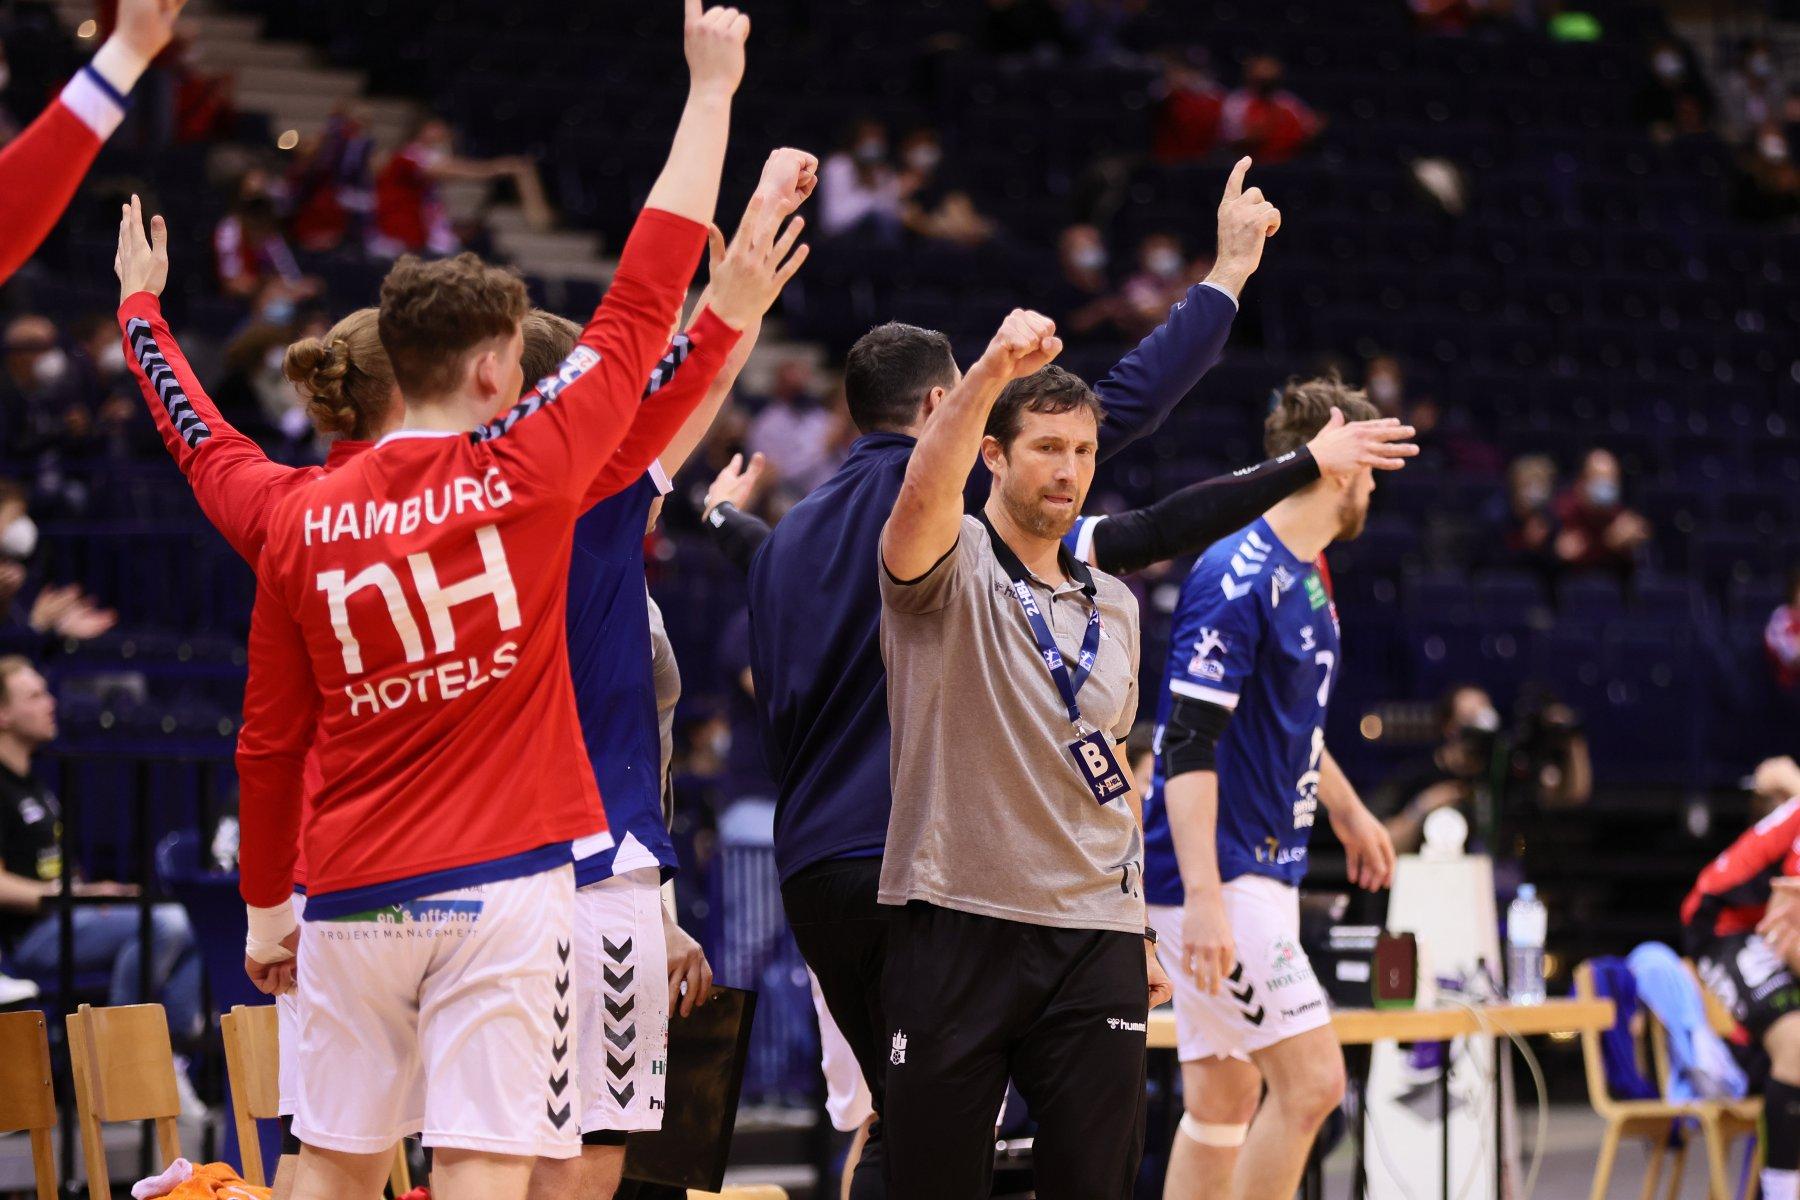 Geheimtipp Hamburg Handball HSV Jugend Nachwuchs Volksbank 08 – ©Patrick Willner